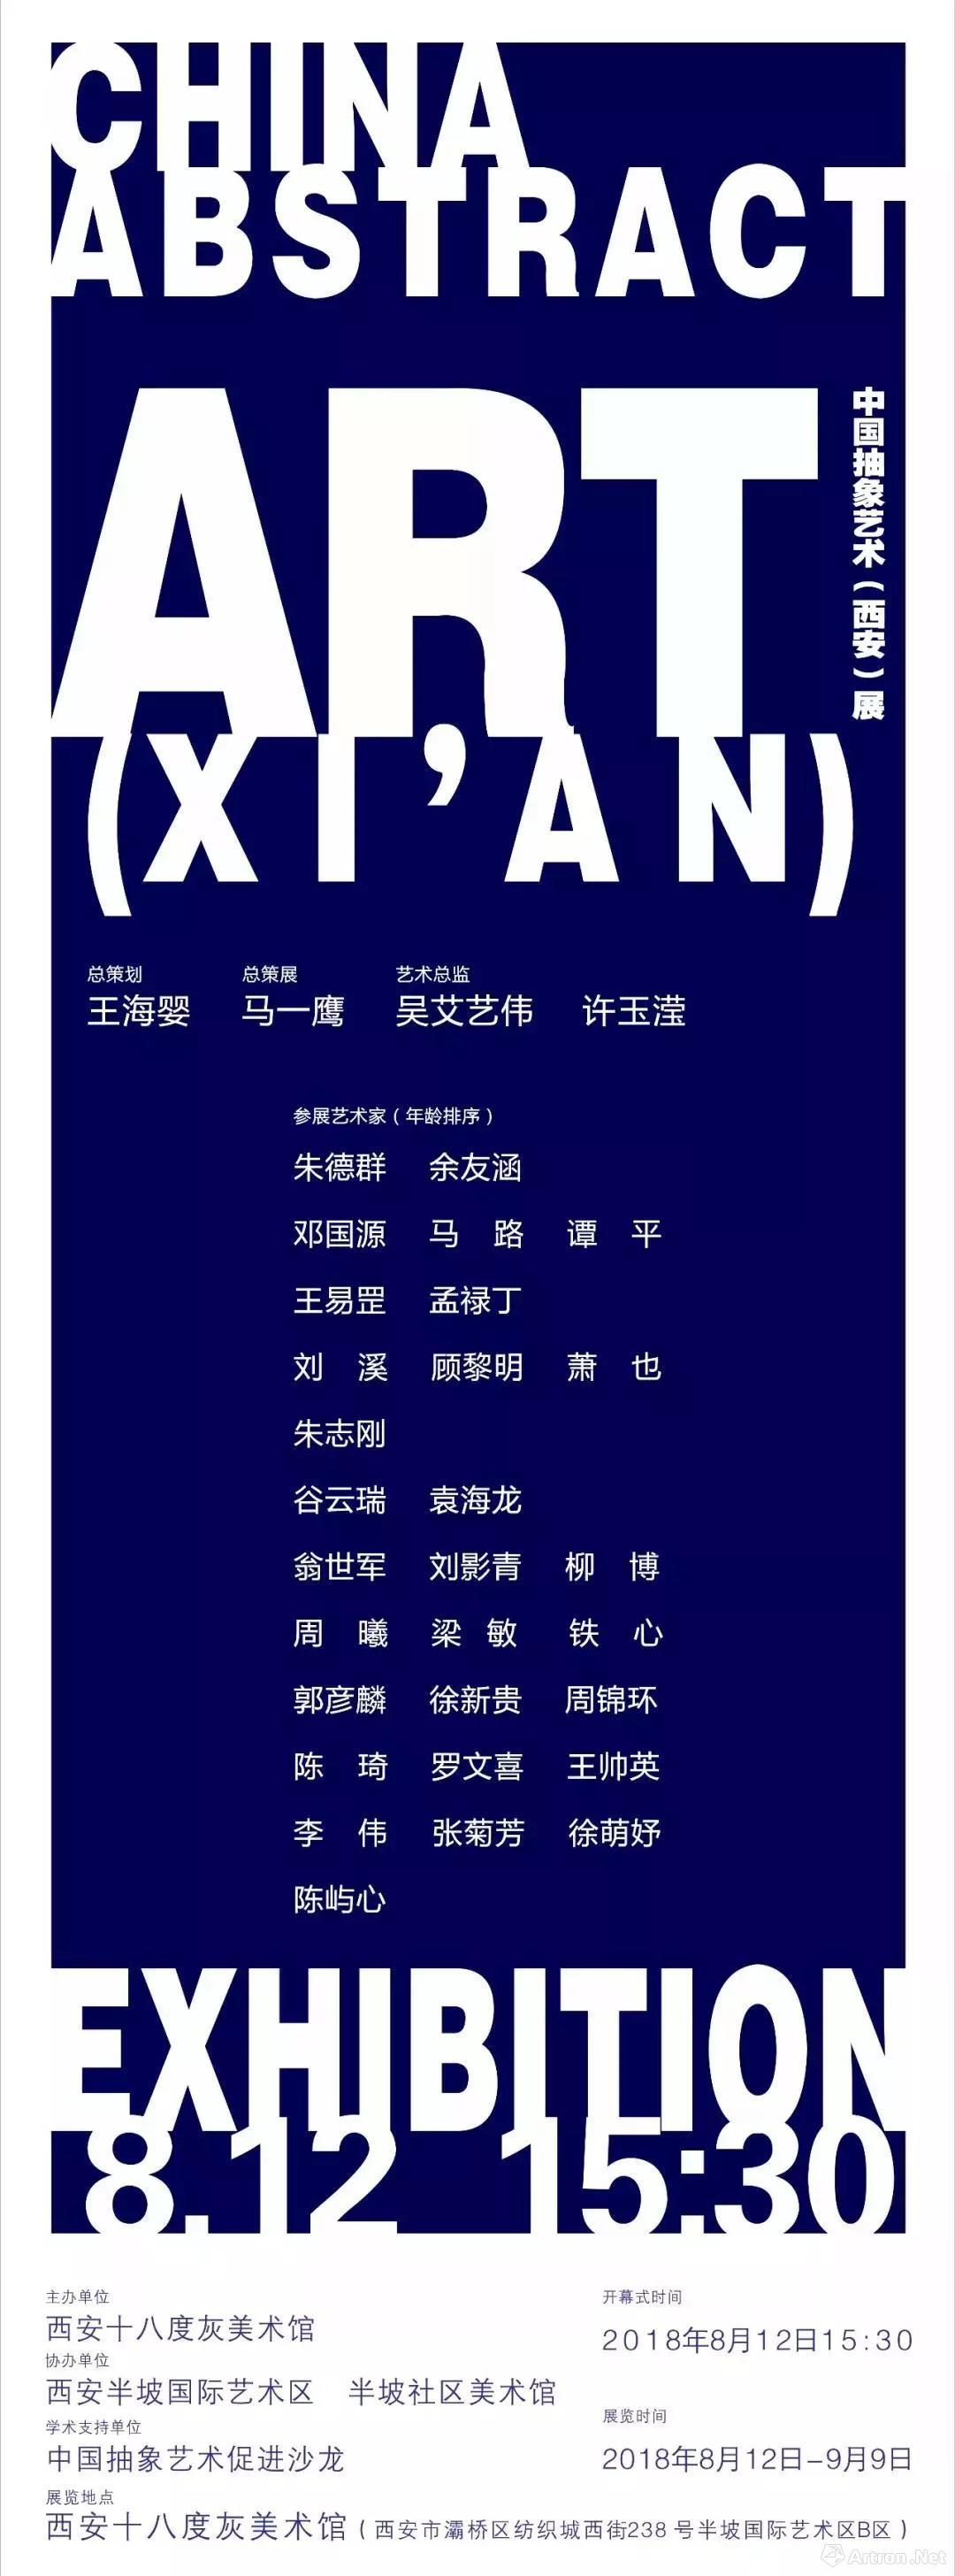 中国抽象艺术(西安)展